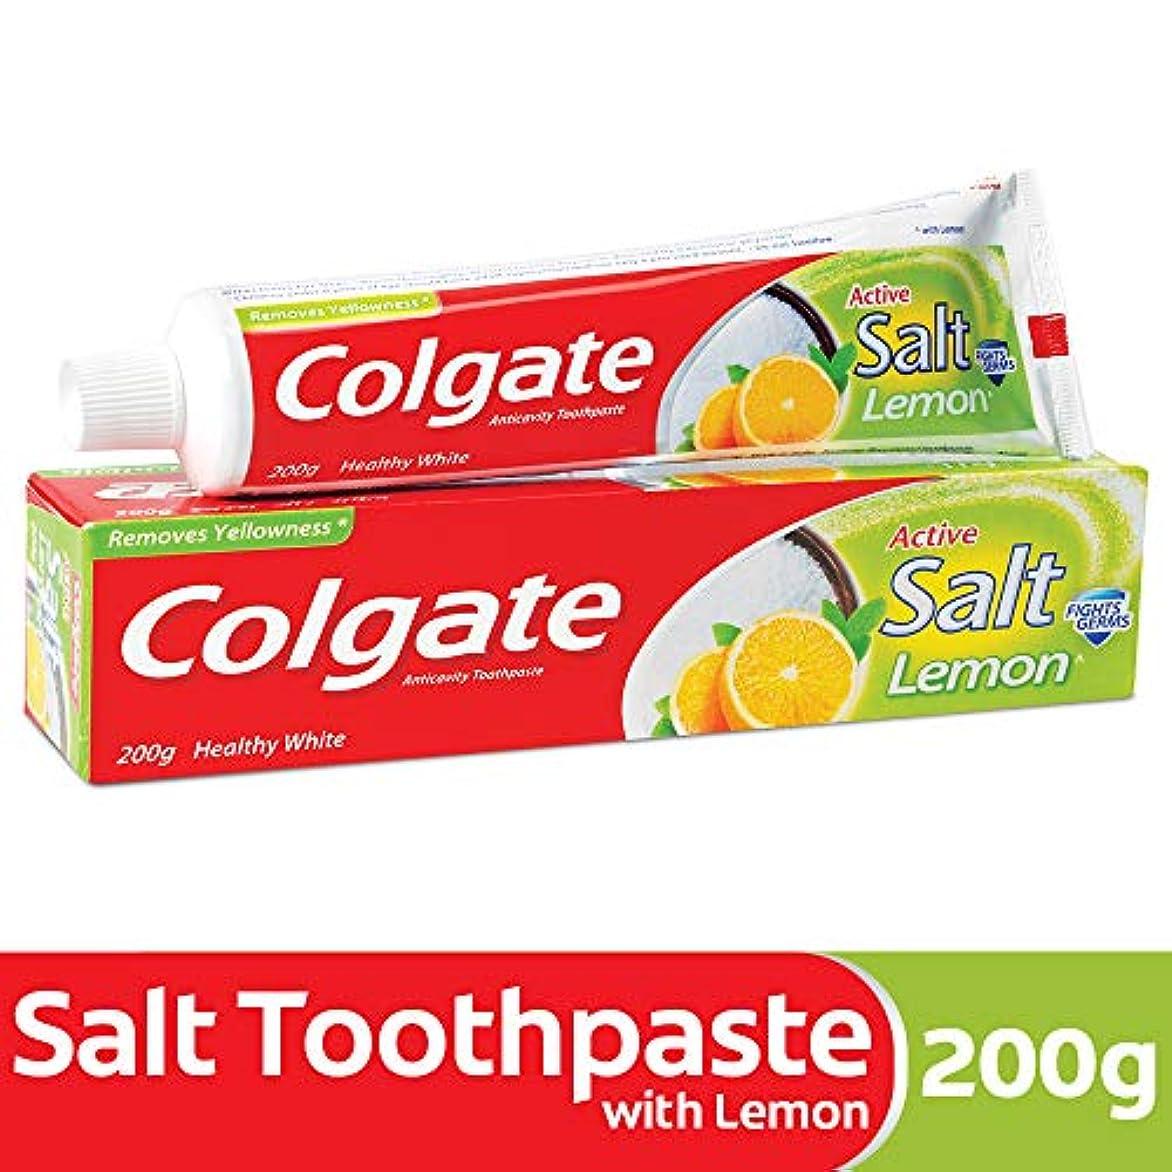 見習い暴力親密なColgate Toothpaste Active Salt - 200 g (Salt and Lemon)